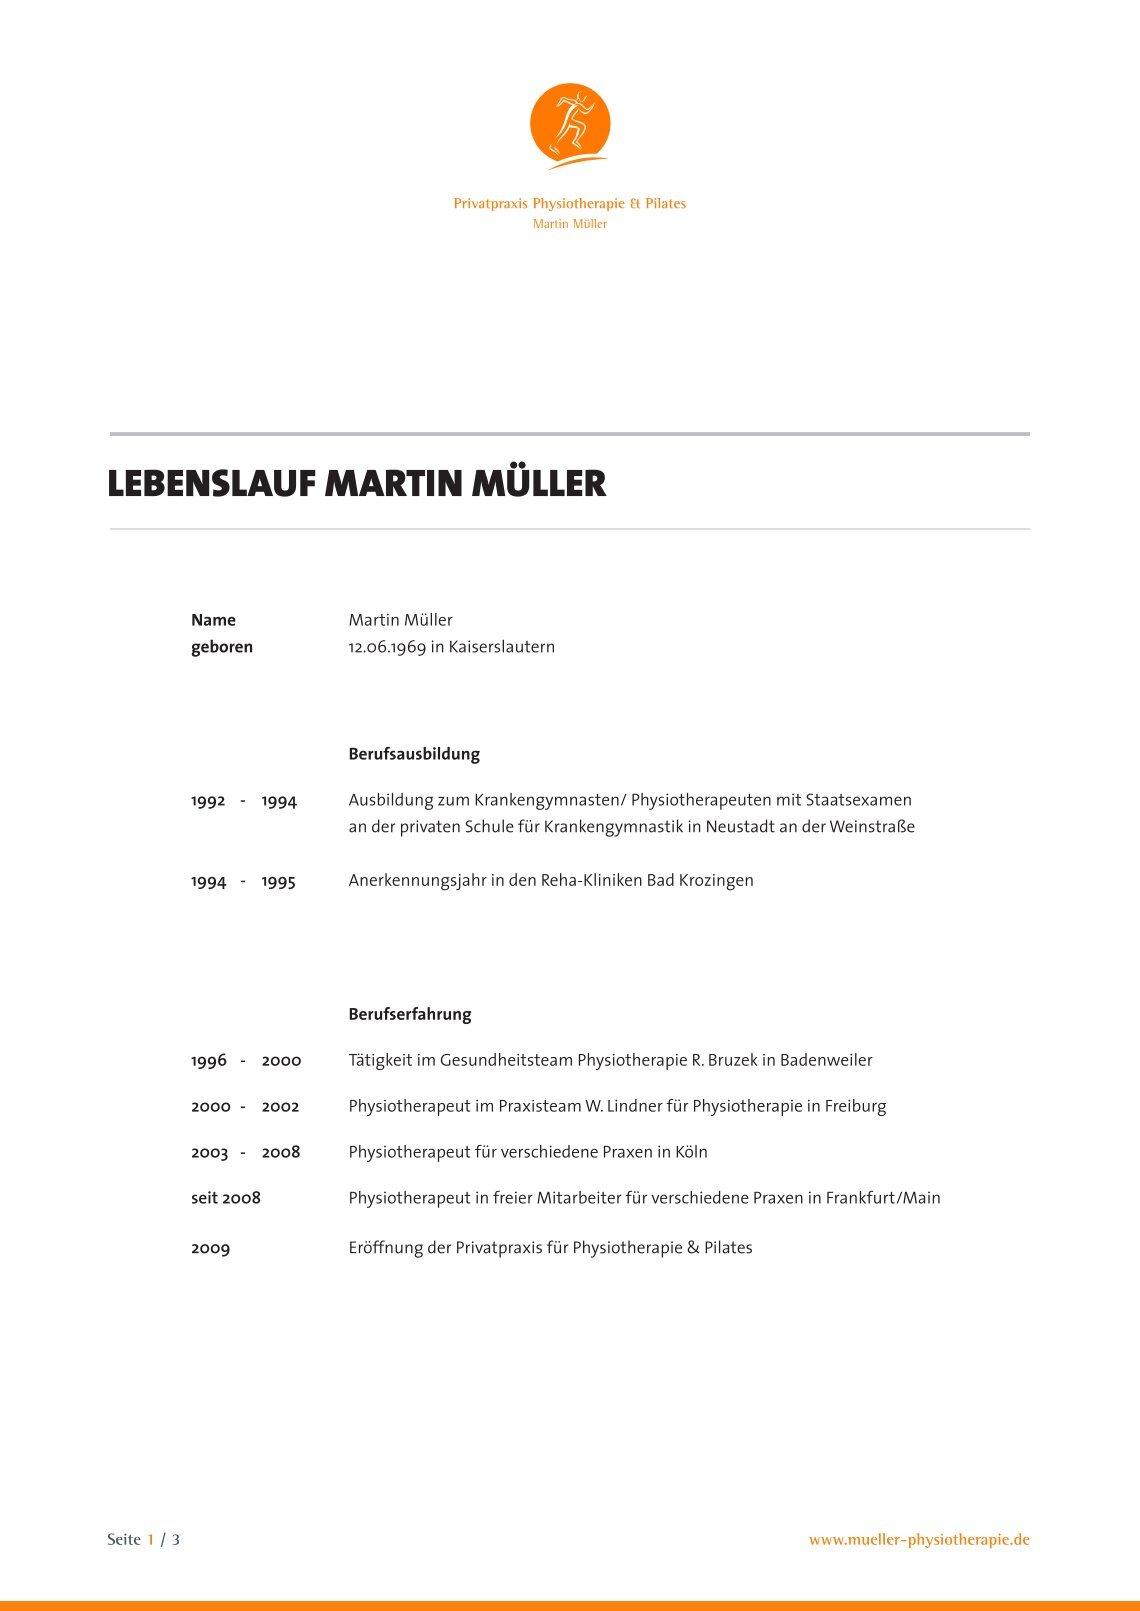 Schön Lebenslauf Für Rekrutierer Der Armee Bilder - Entry Level ...